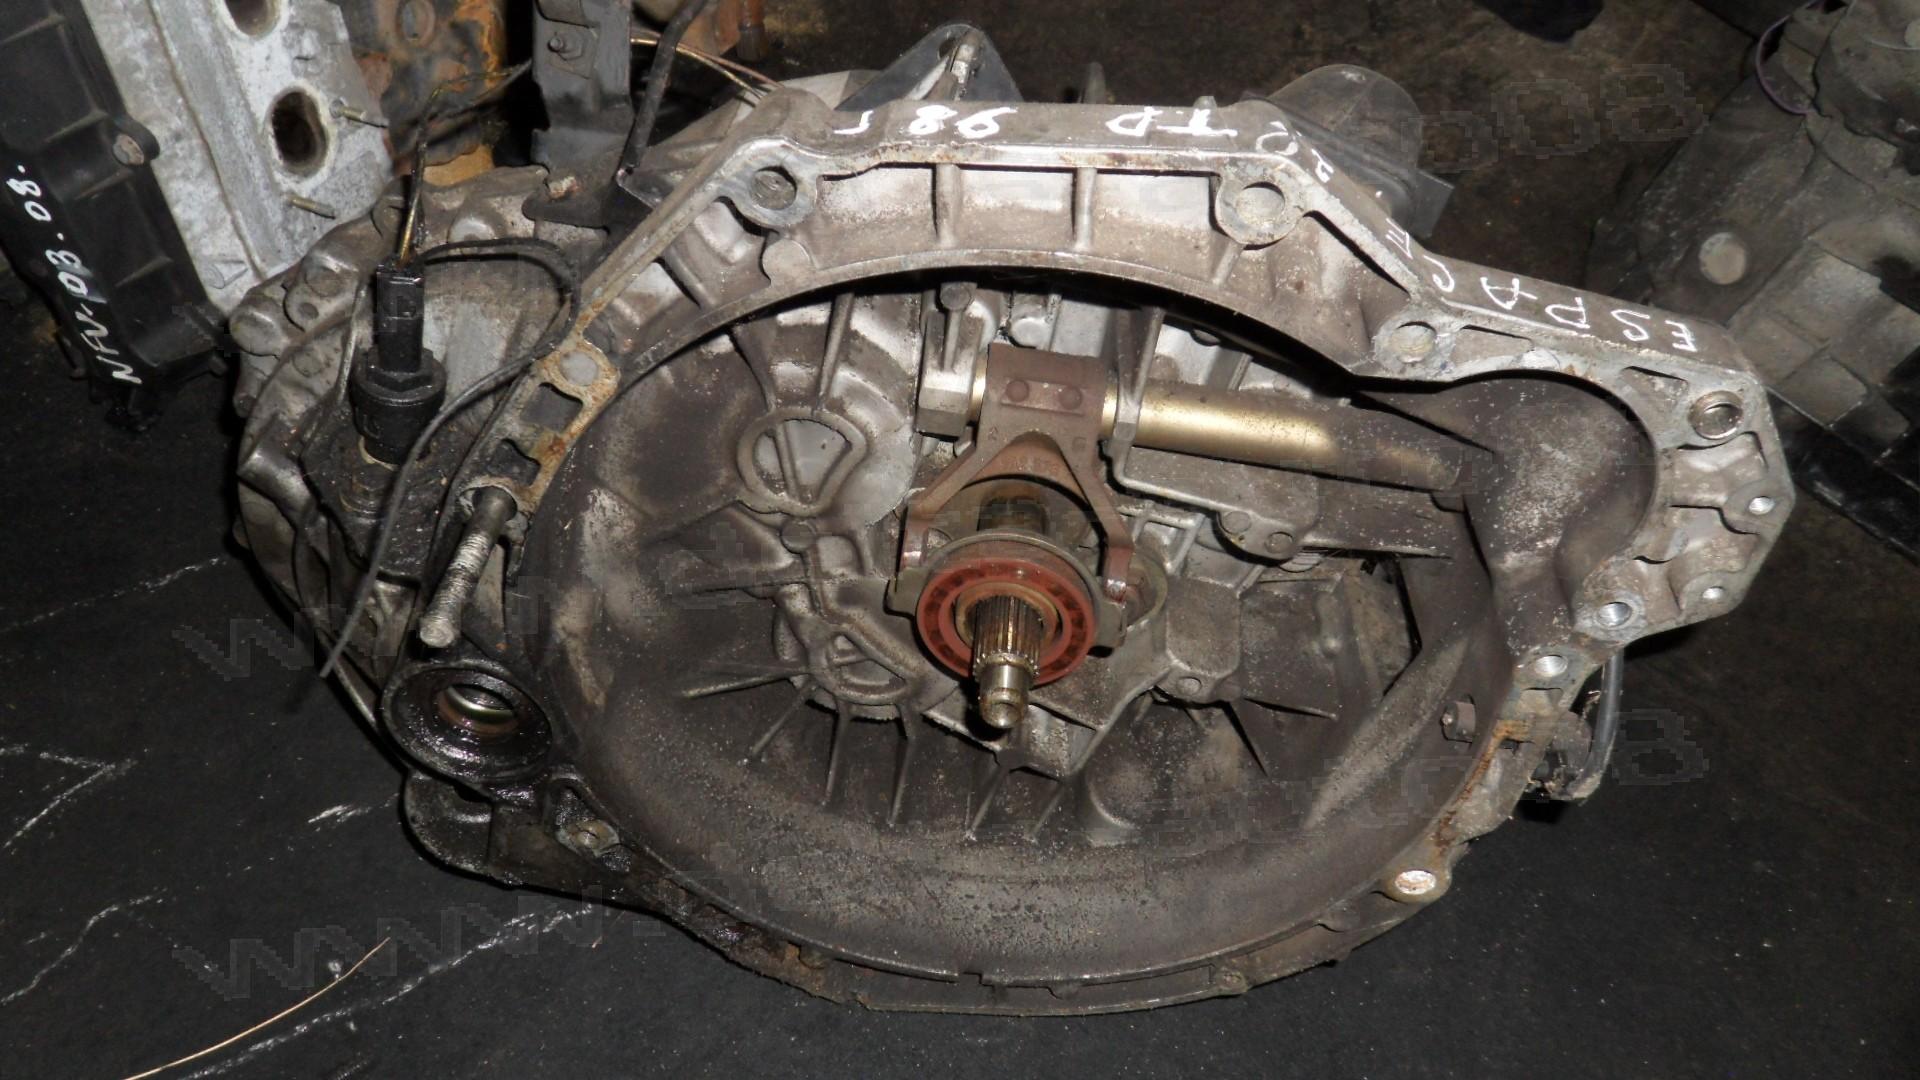 Ръчна скоростна кутия за Renault Espace III, 2.2 TD, 1997-2003г., 7700869862, 27590 PKCM 7700869862, 275907700869862  - 5 степенна